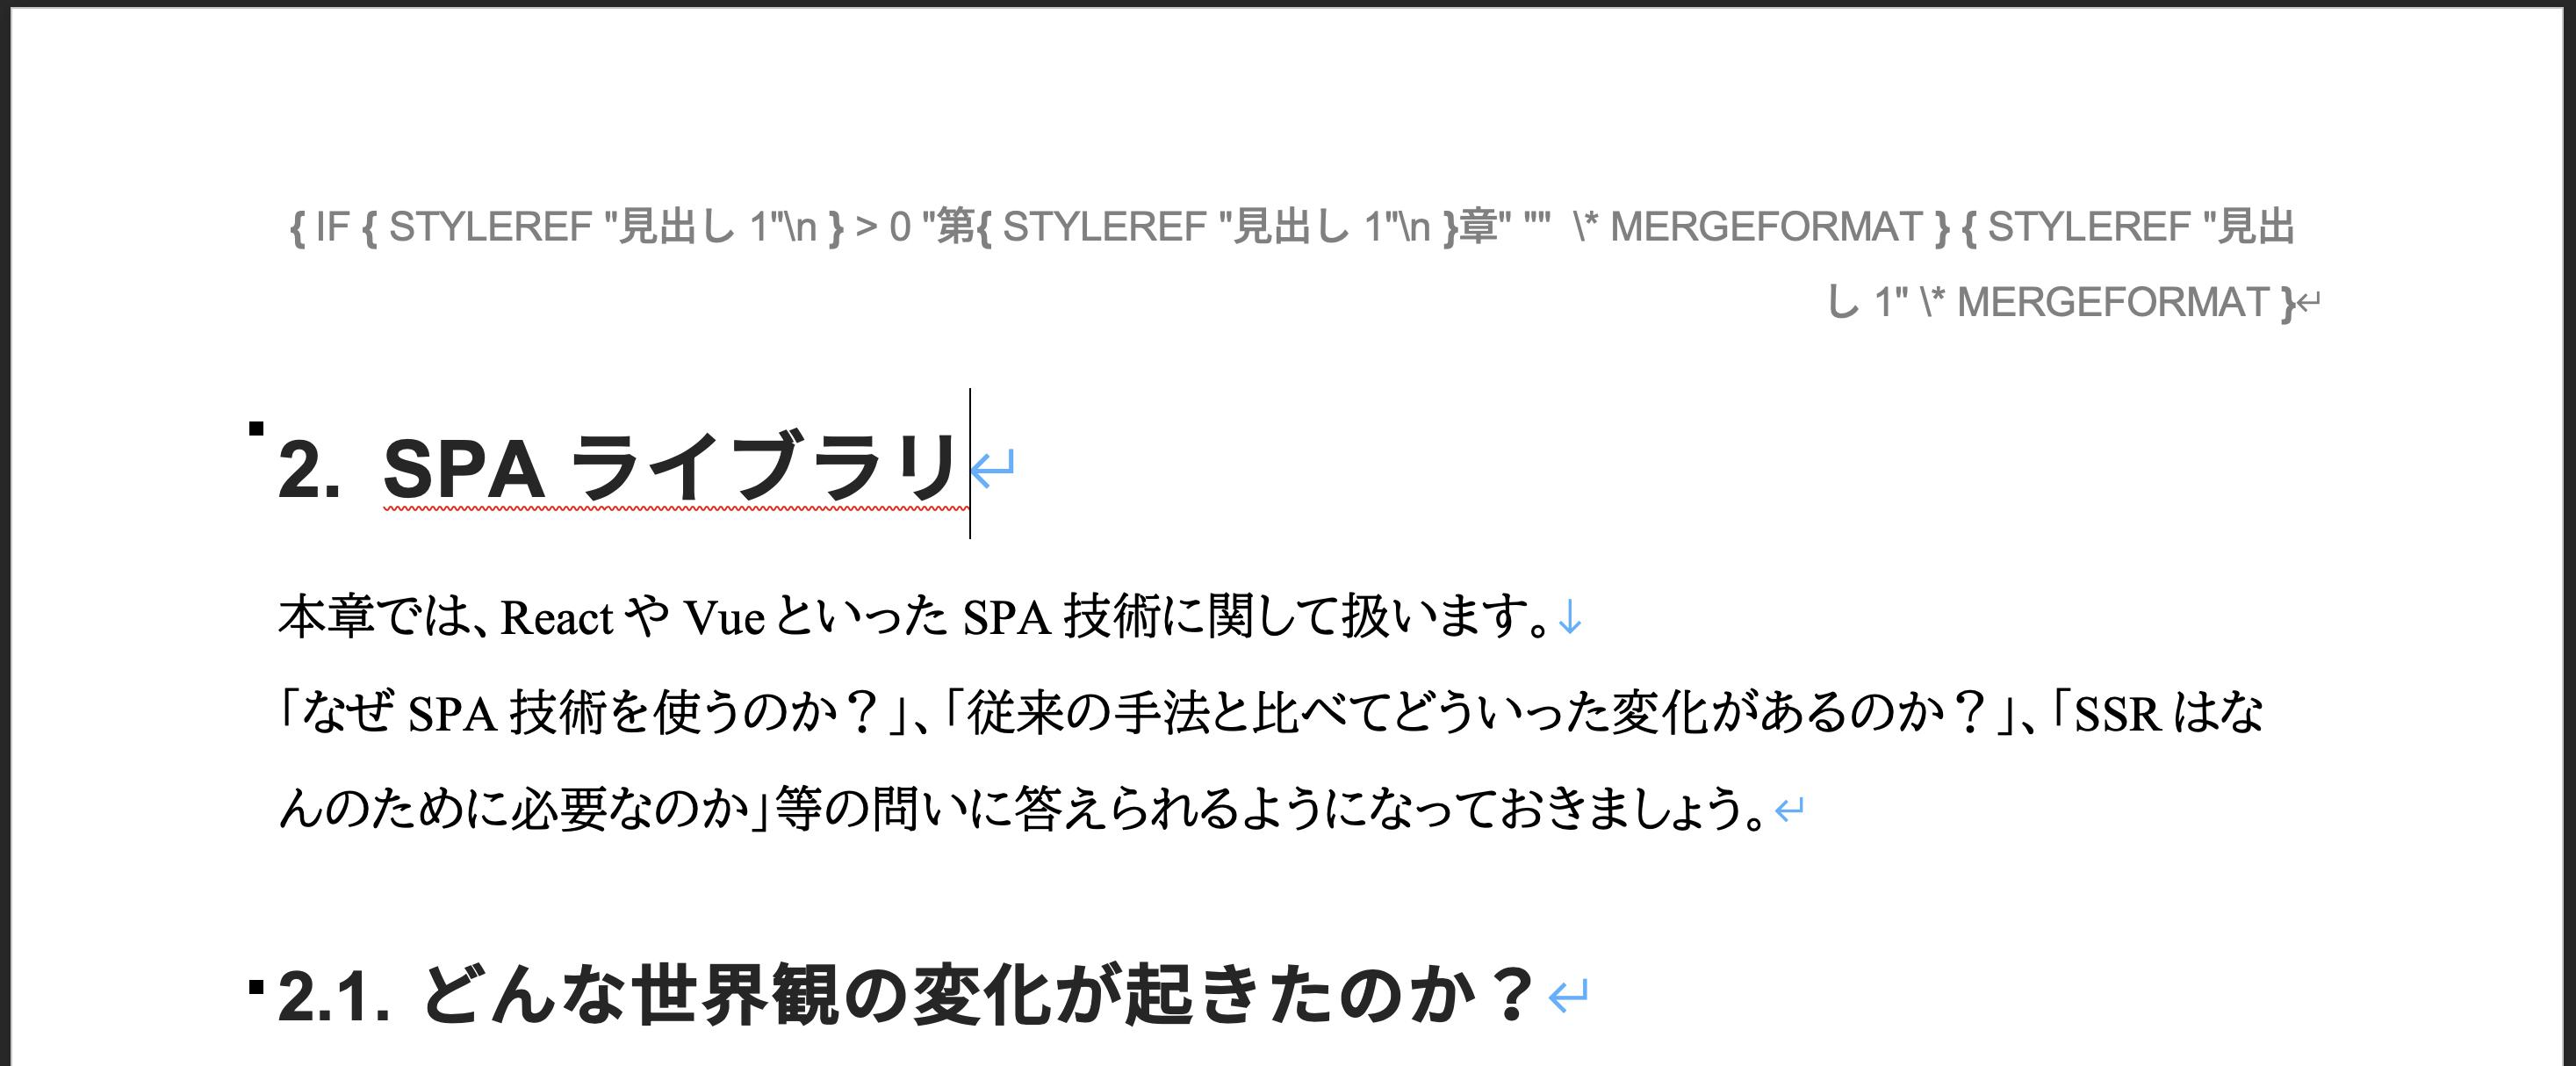 スクリーンショット 2020-02-16 20.51.33.png (845.7 kB)